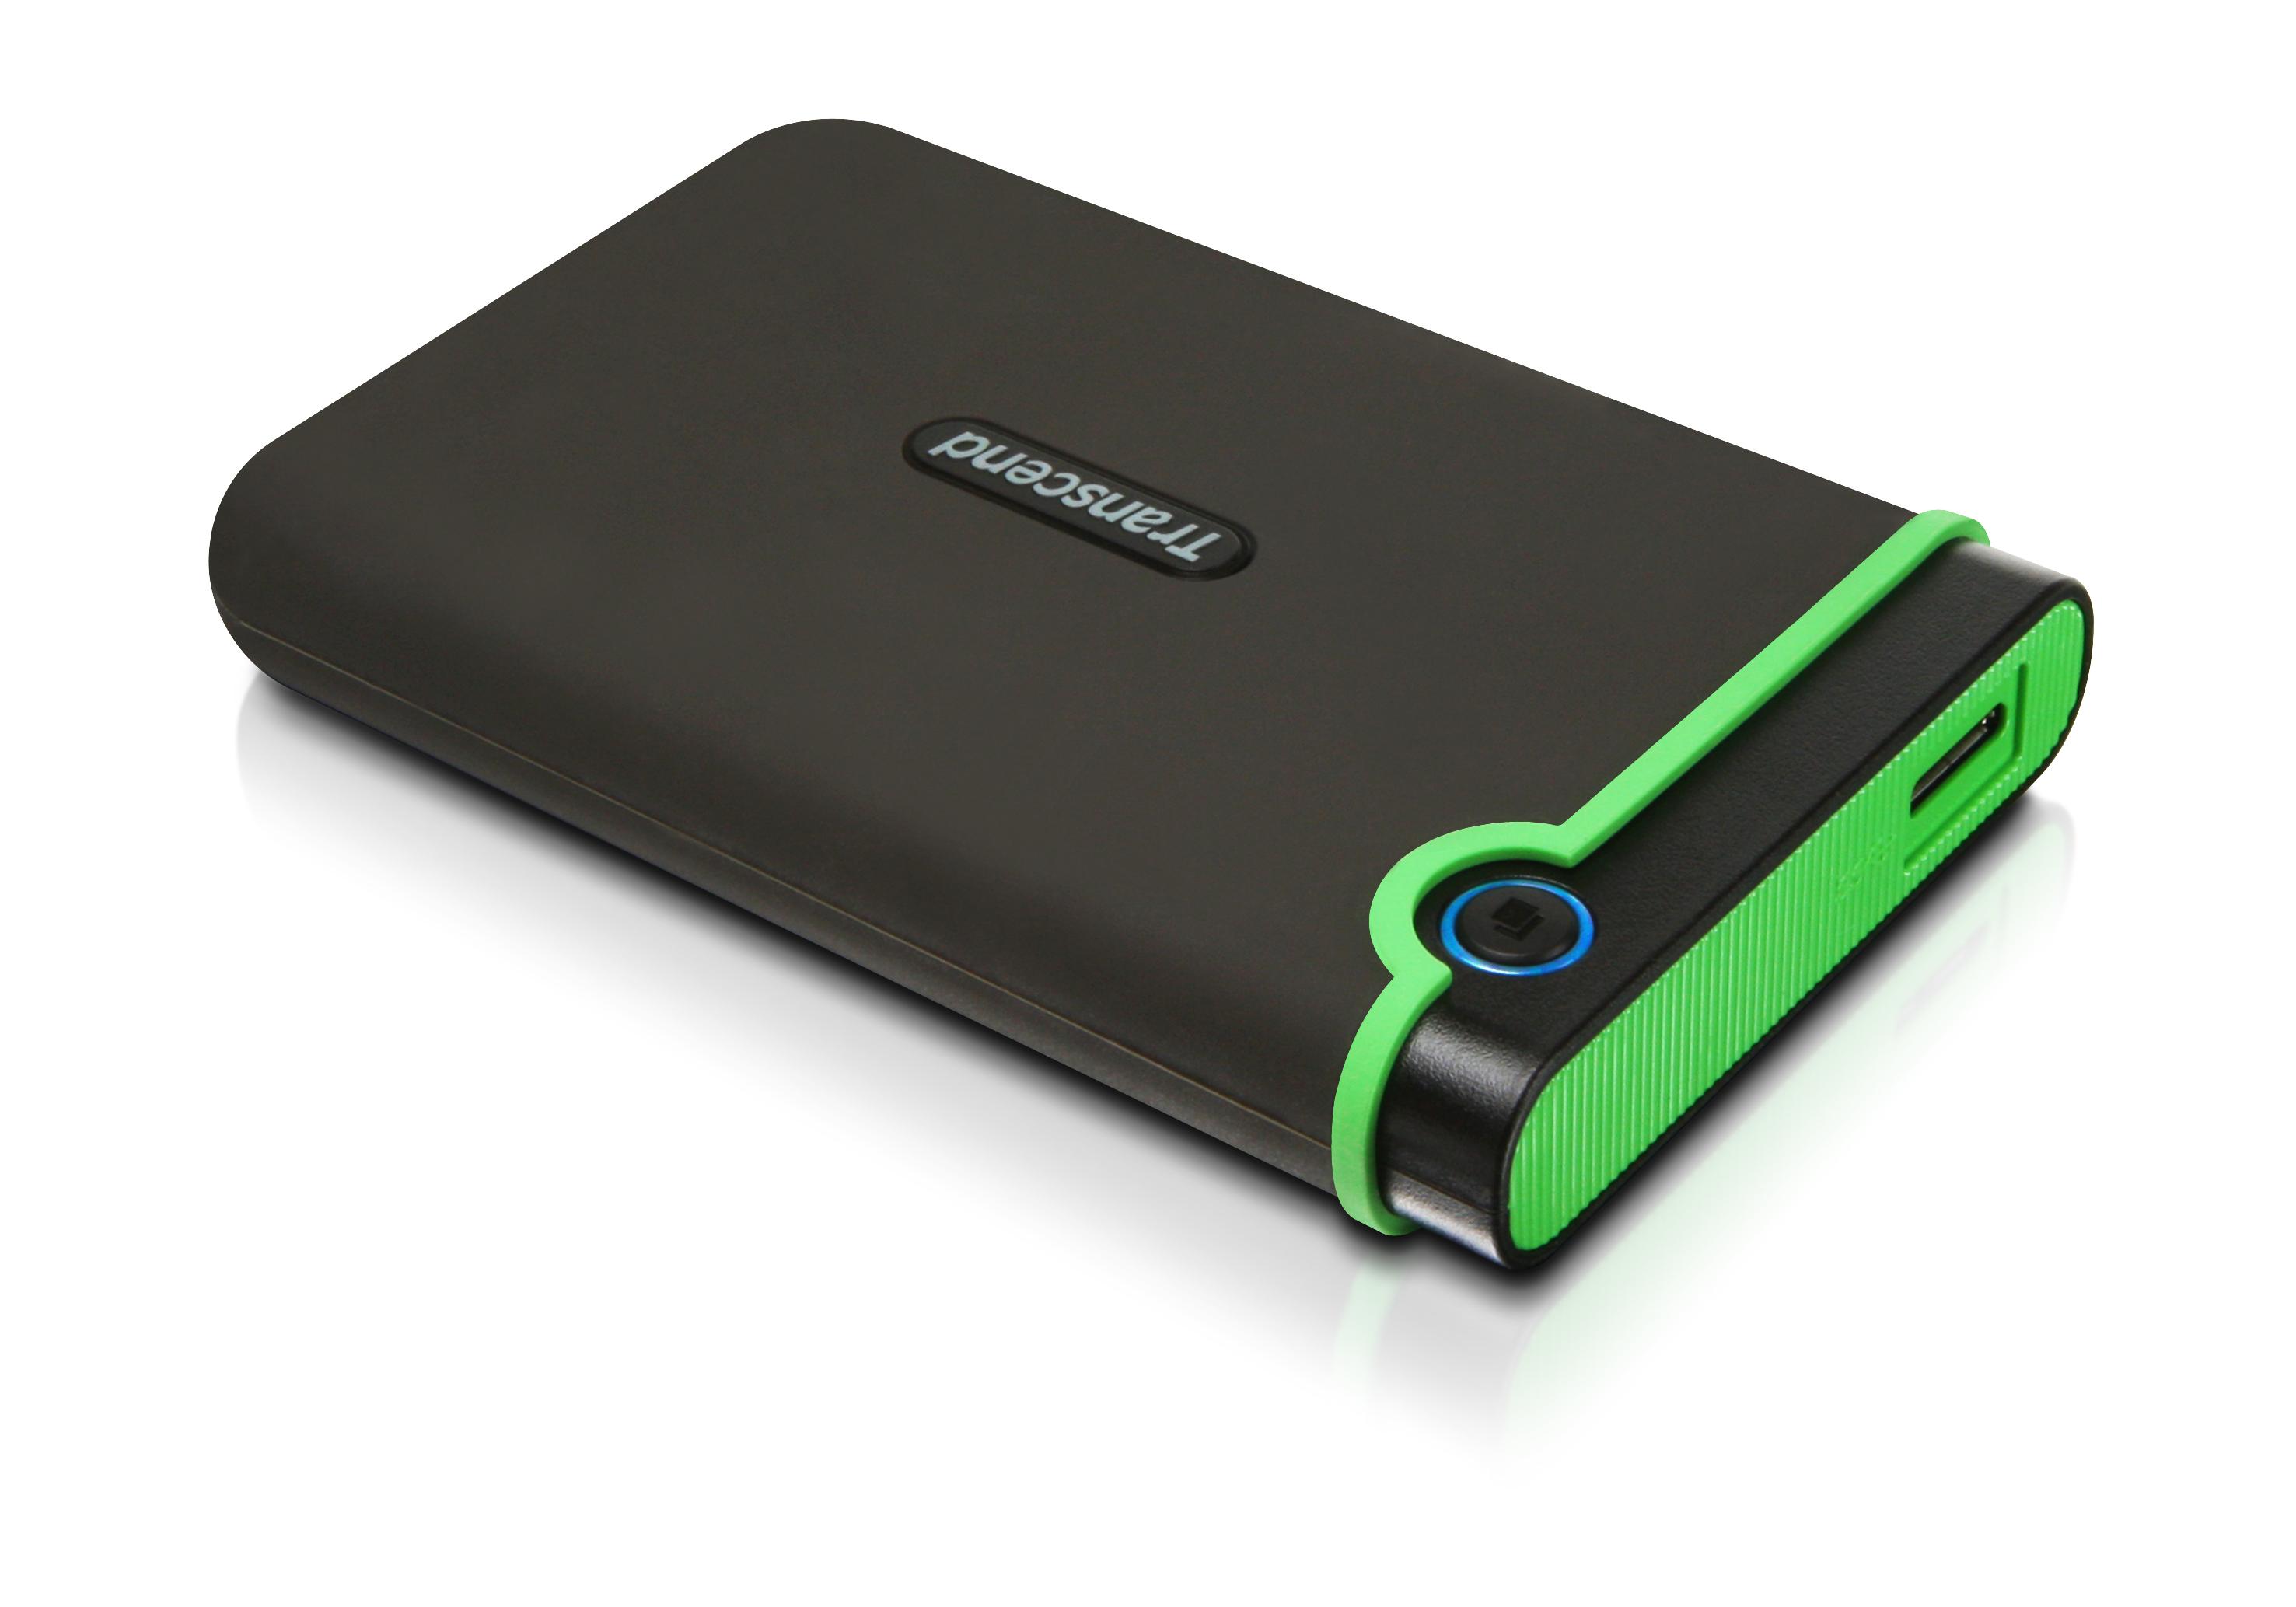 Ổ Cứng Di Động Transcend Storejet M3S 500GB USB 3.0 - TS500GSJ25M3S - Hàng chính hãng